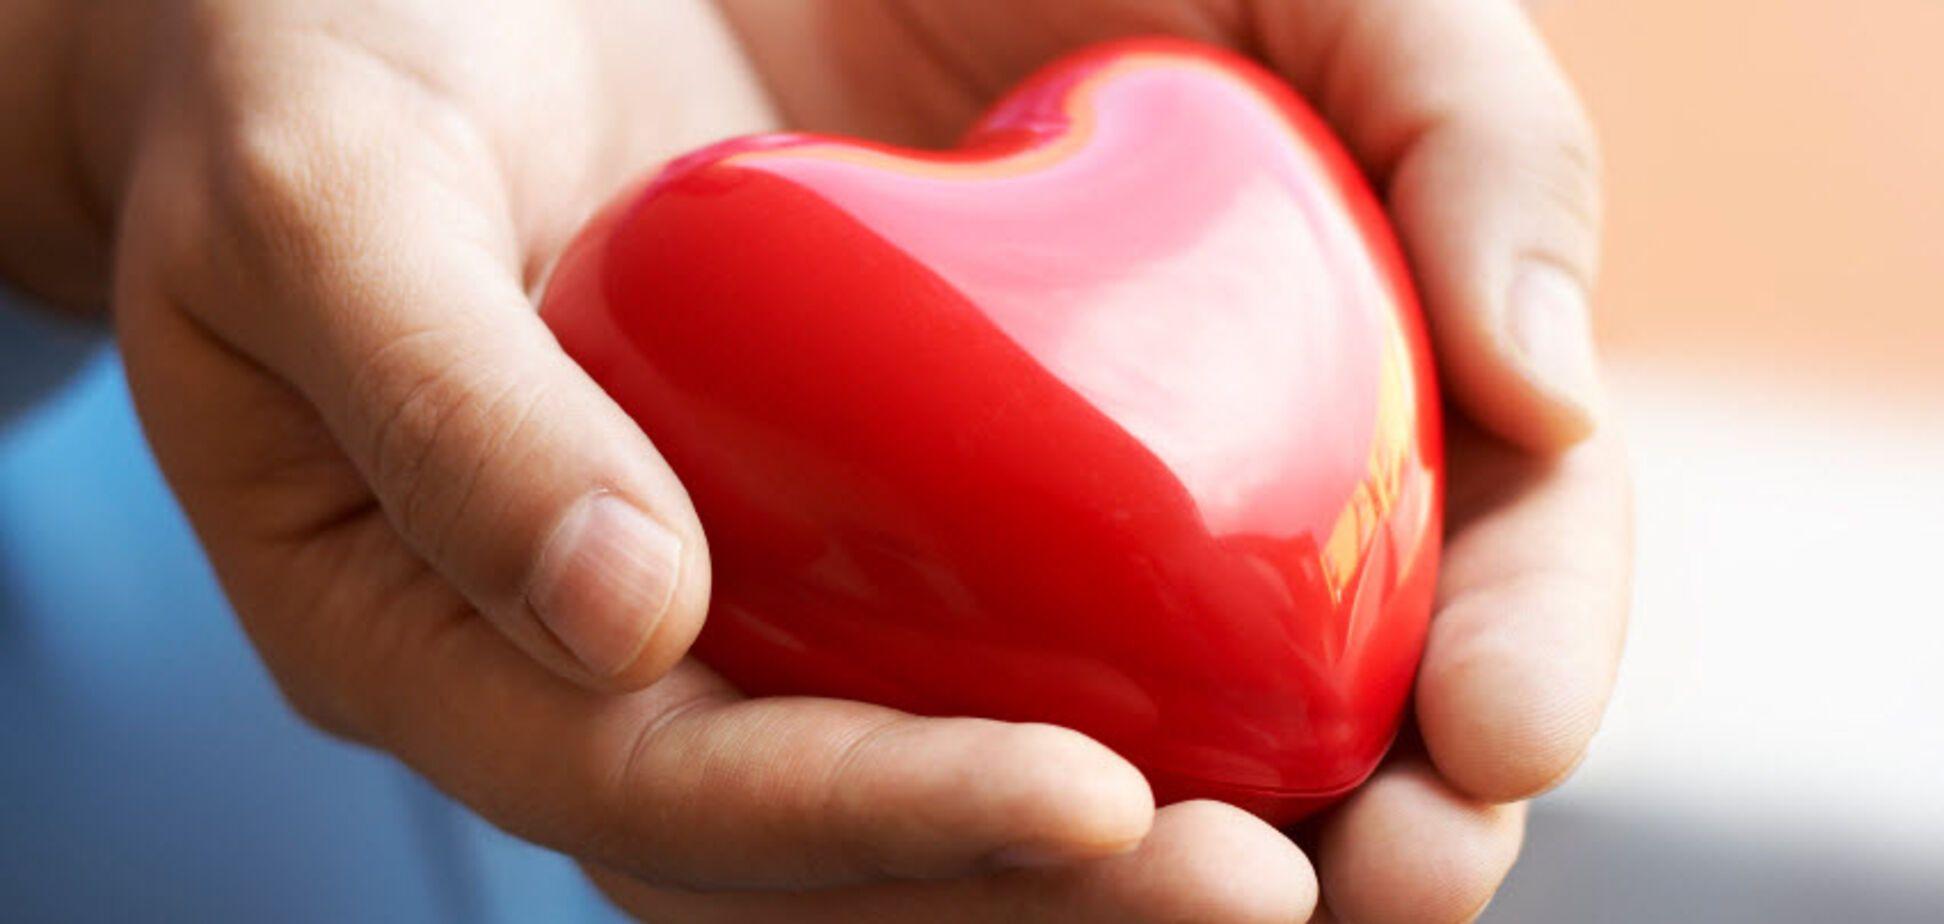 Ішемічна хвороба серця: як уникнути смертельної загрози